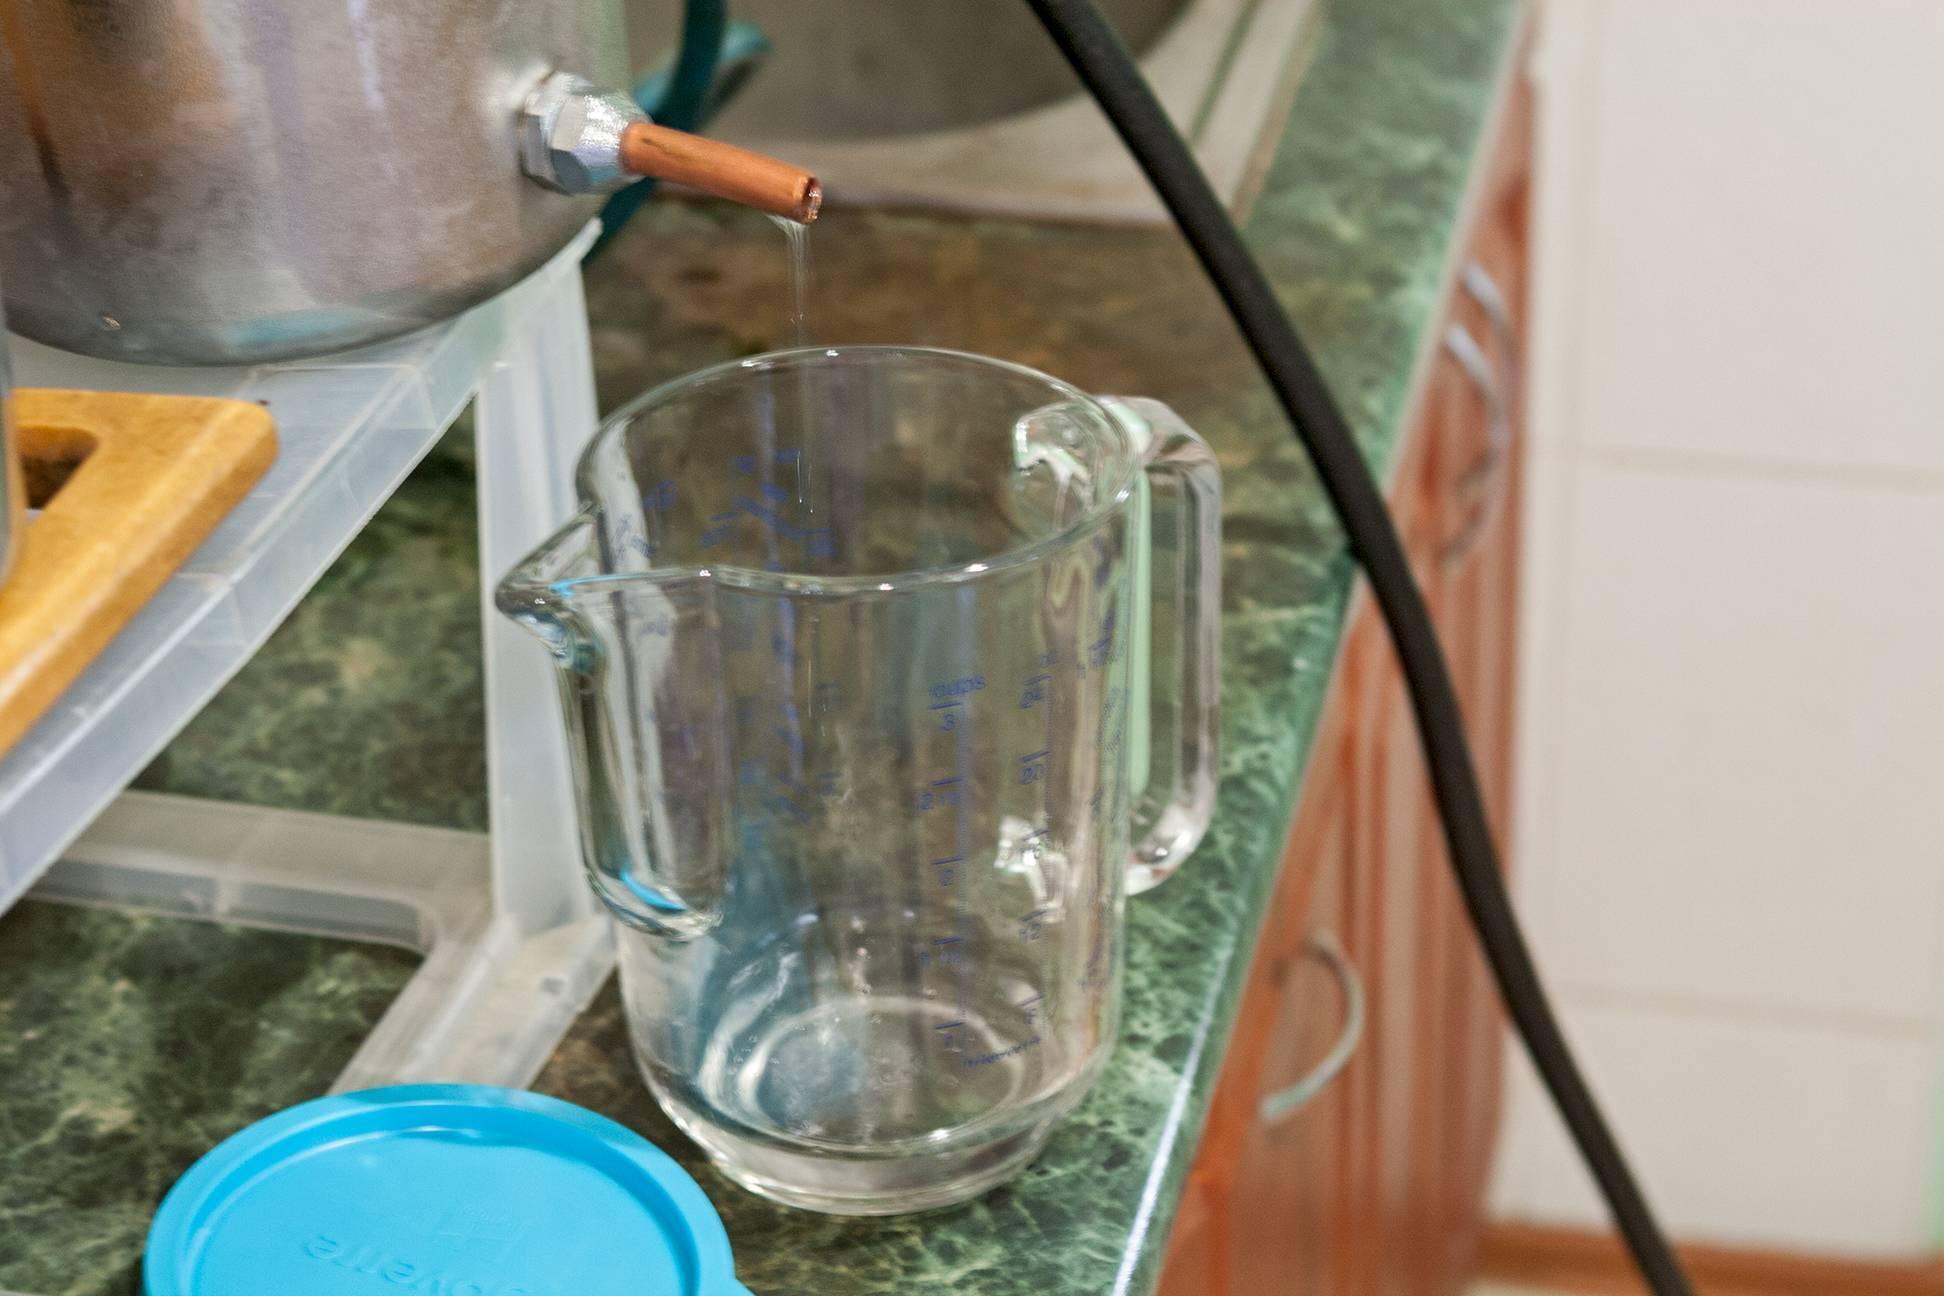 Настойка на чаге из самогона: рецепты приготовления, польза и вред и как настаивать в домашних условиях